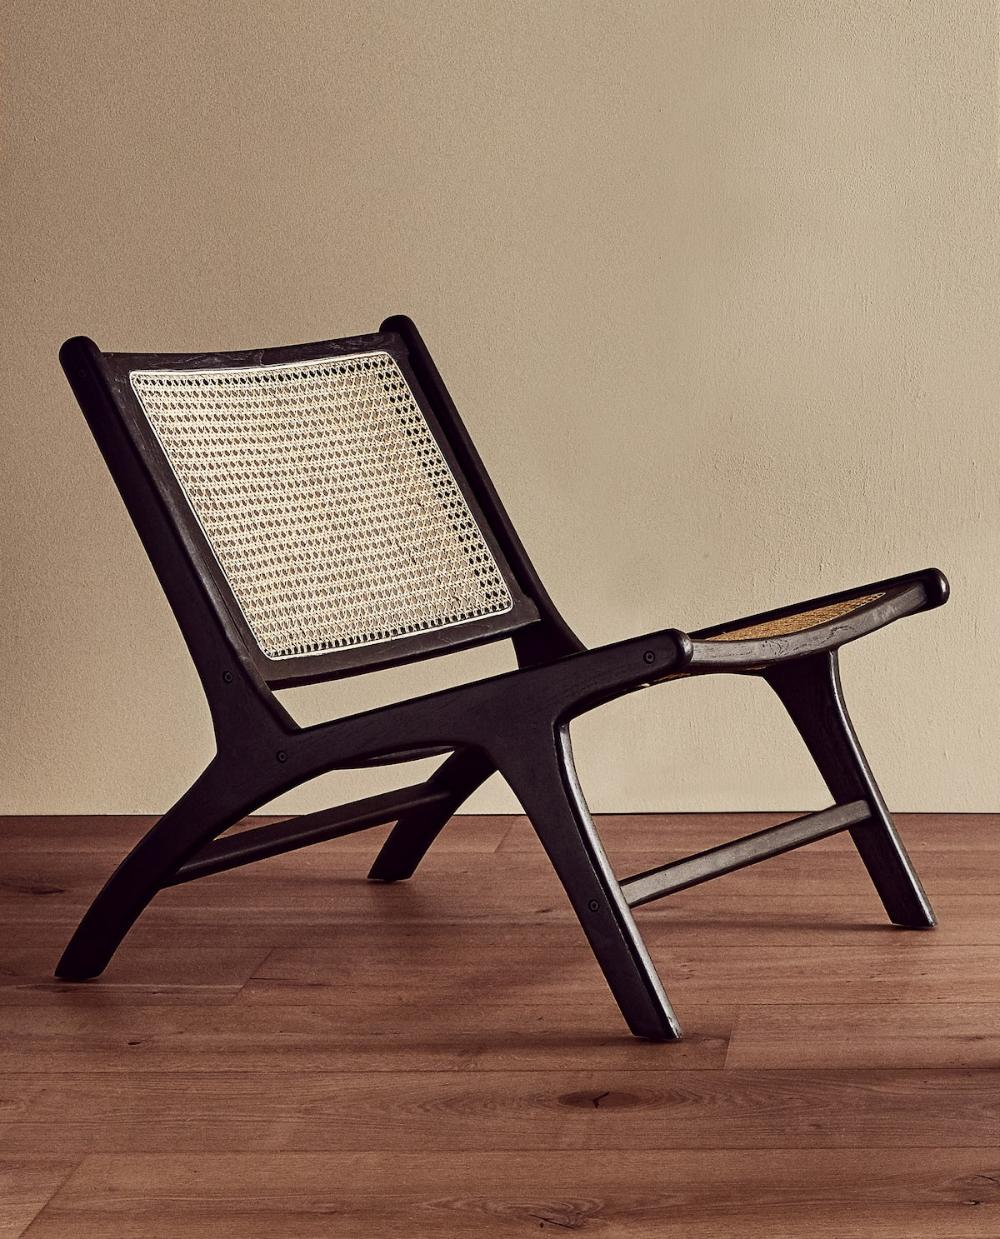 Teak And Rattan Chair Rattan Chair Furniture Chair Chair